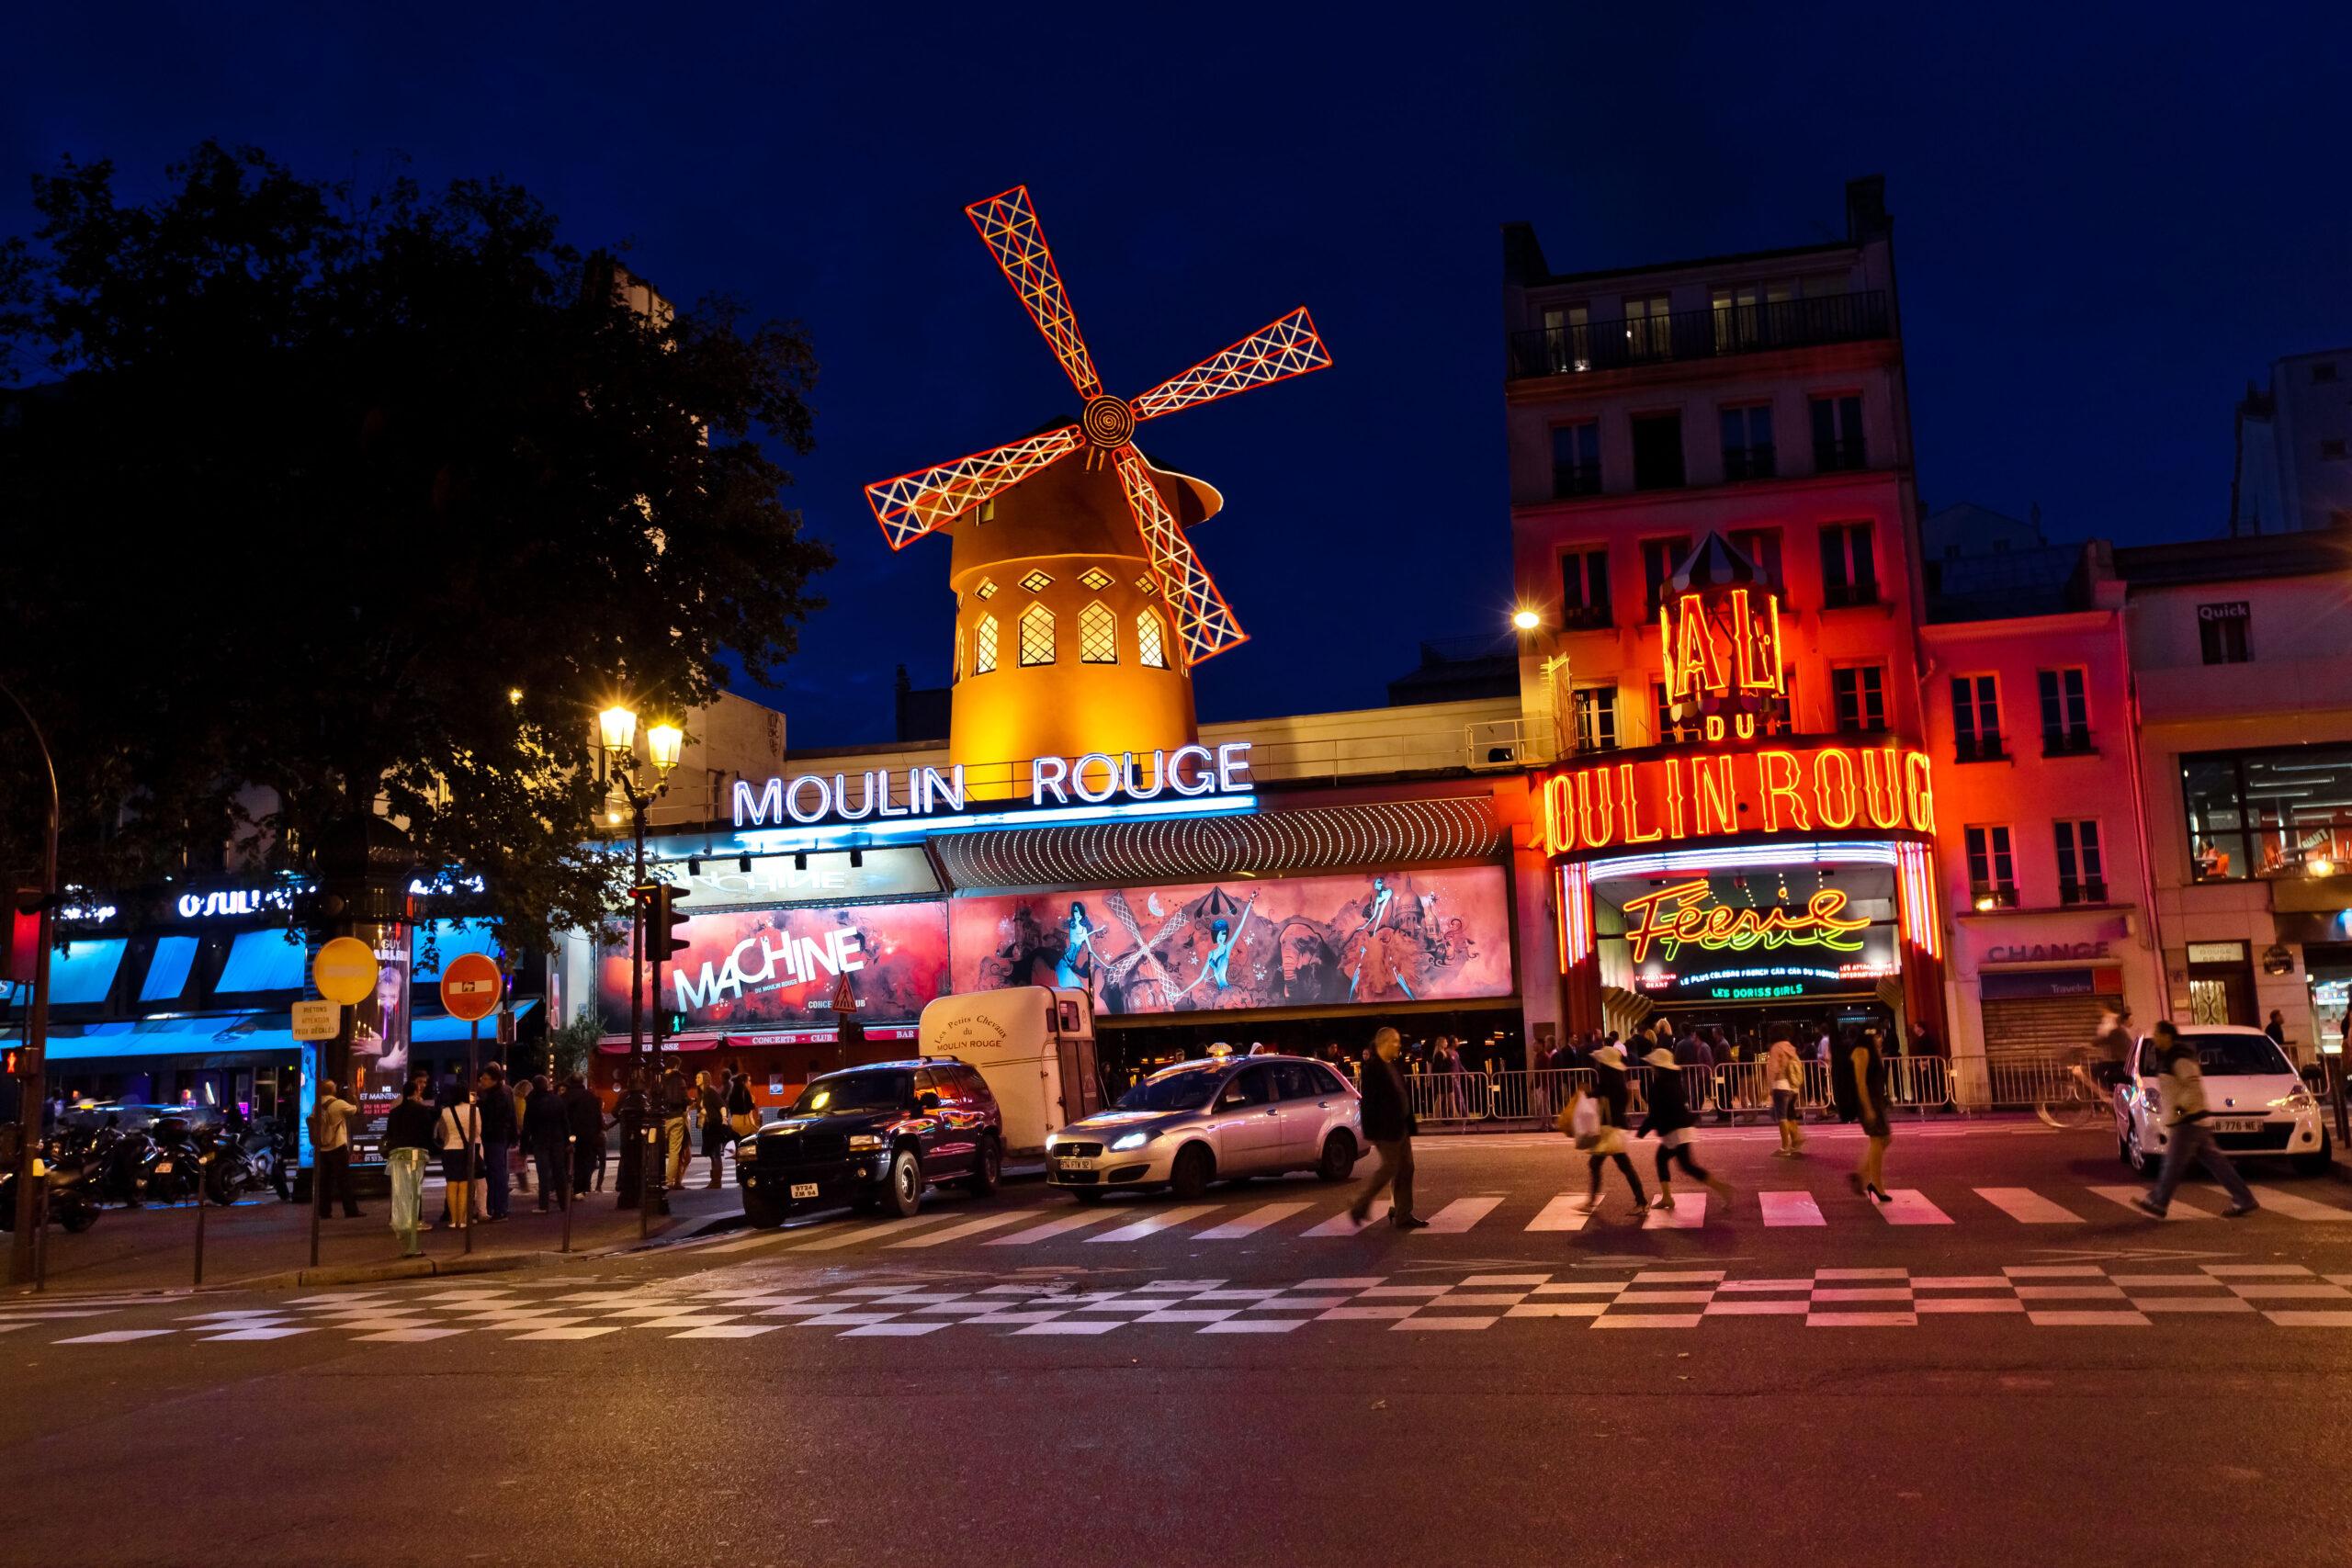 moulin rouge Paris attraksjon severdighet show for menn gutter